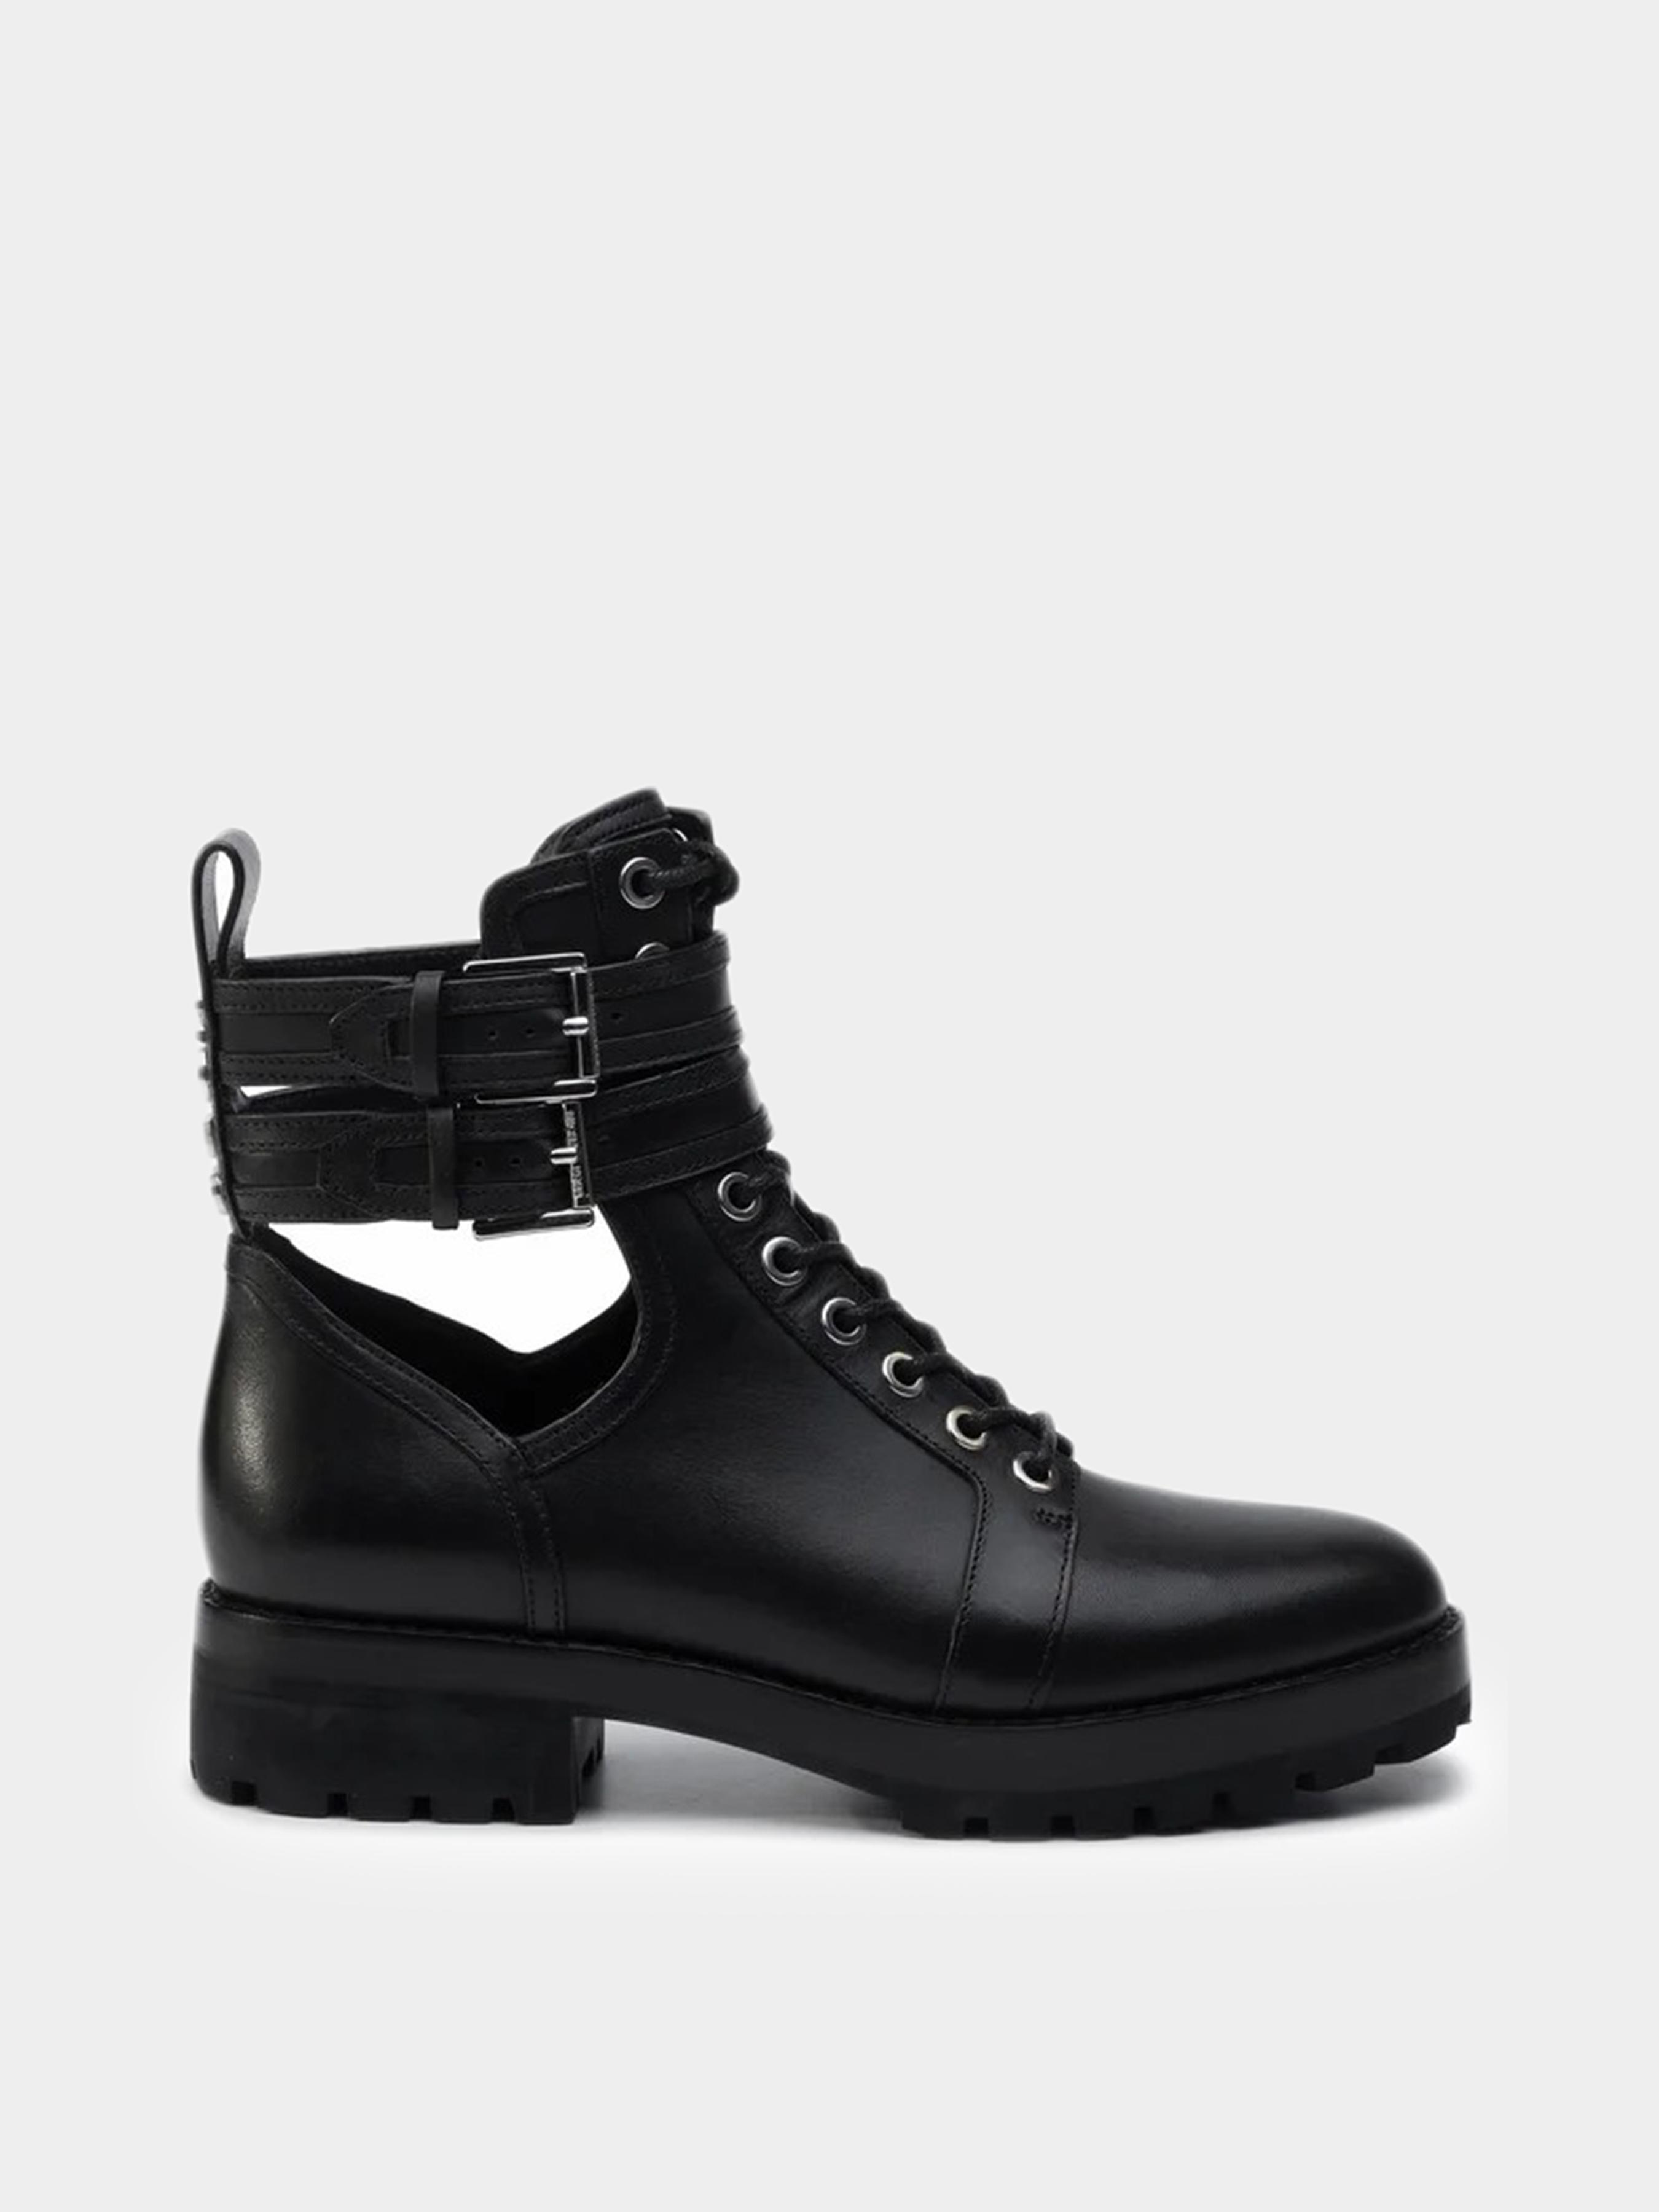 Ботинки женские Michael Kors 4Y42 размерная сетка обуви, 2017